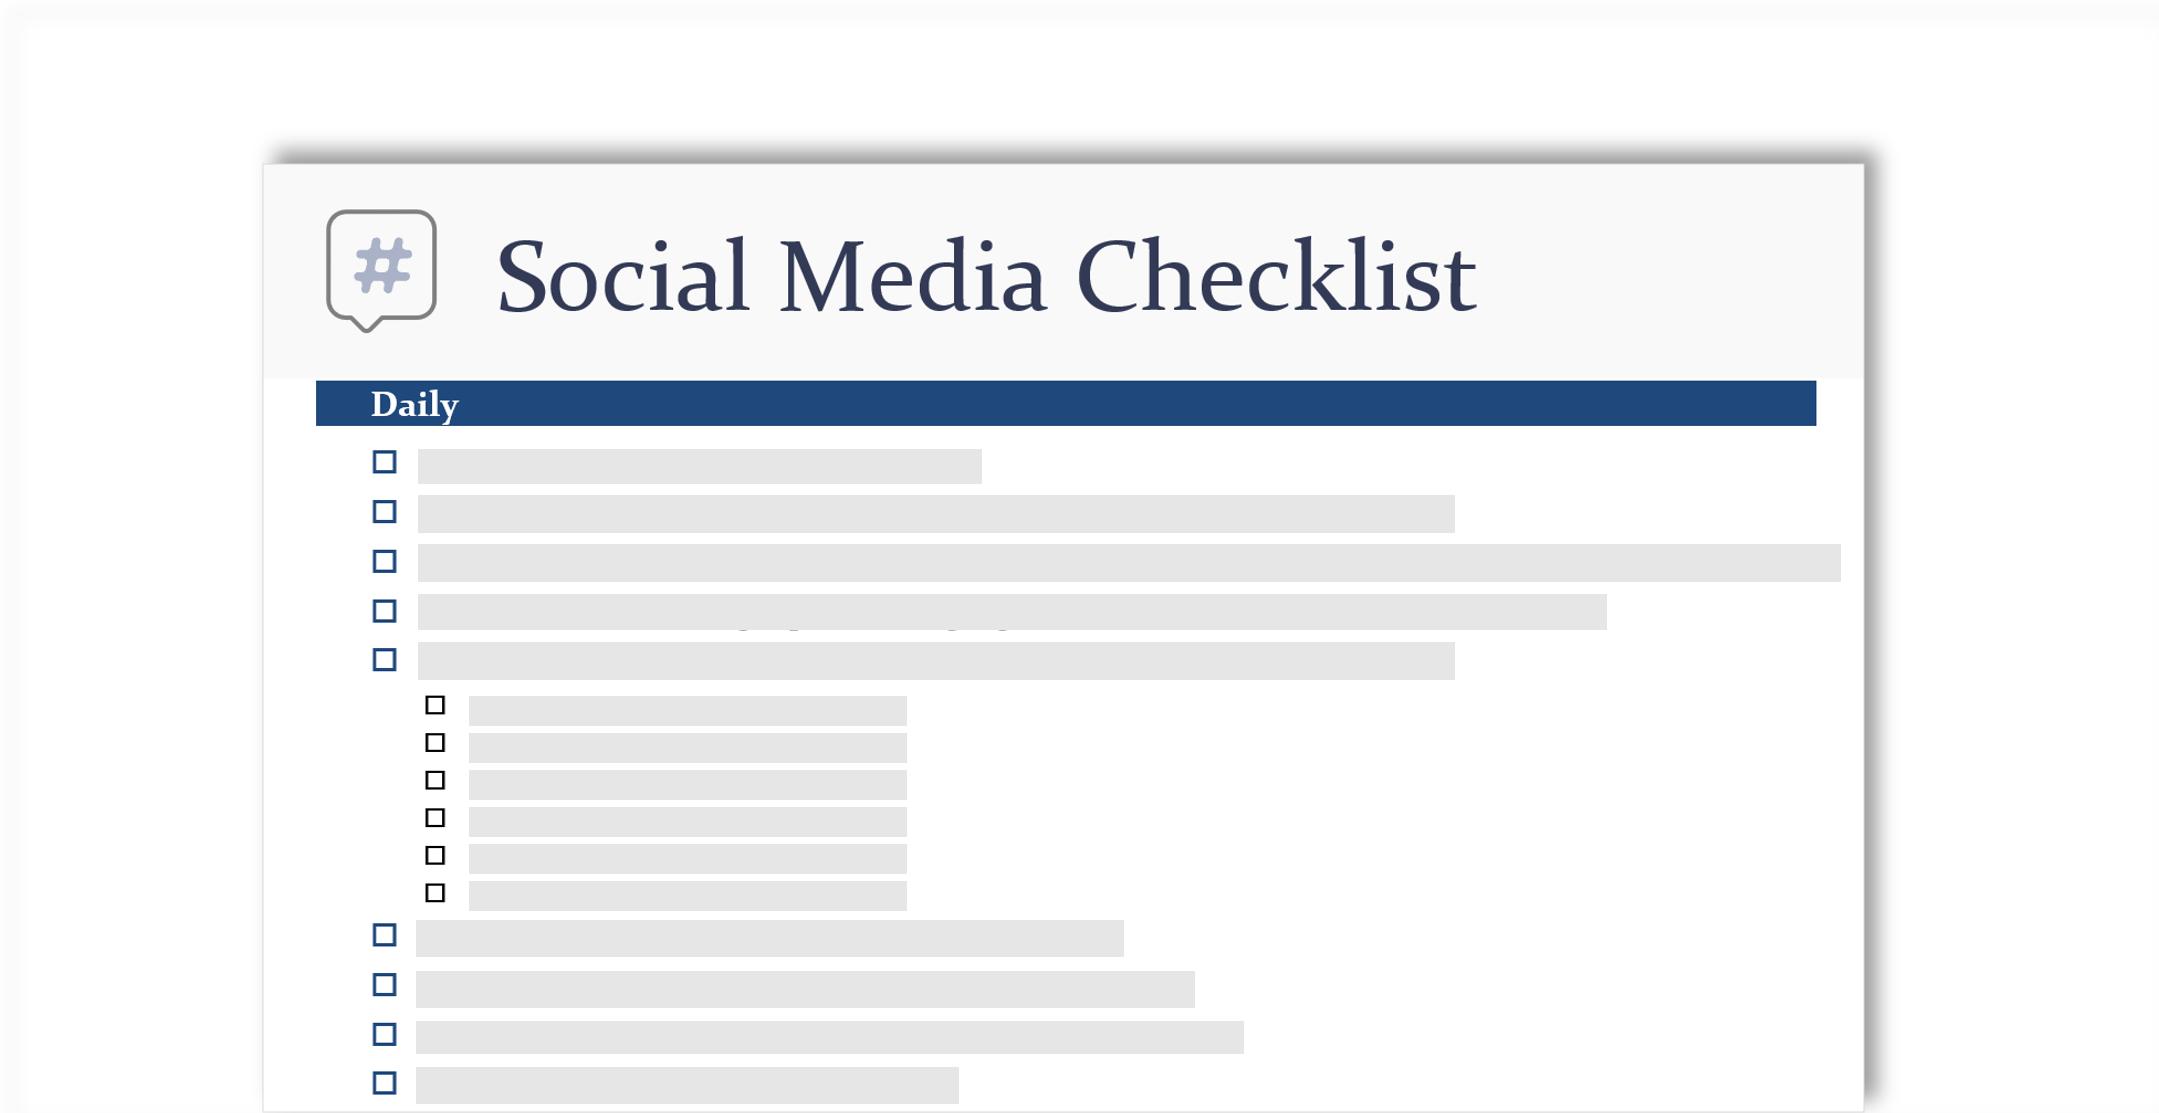 abstraktus vaizdas, socialinė medija kontrolinis sąrašas